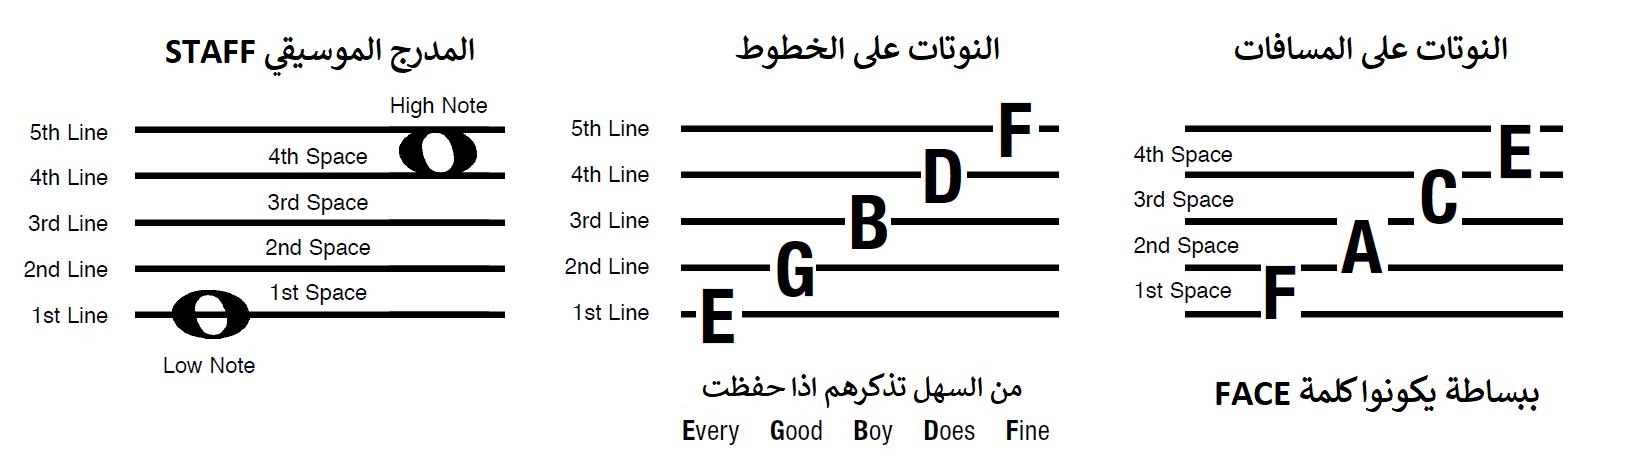 أساسيات العزف على الكلاسيك جيتار